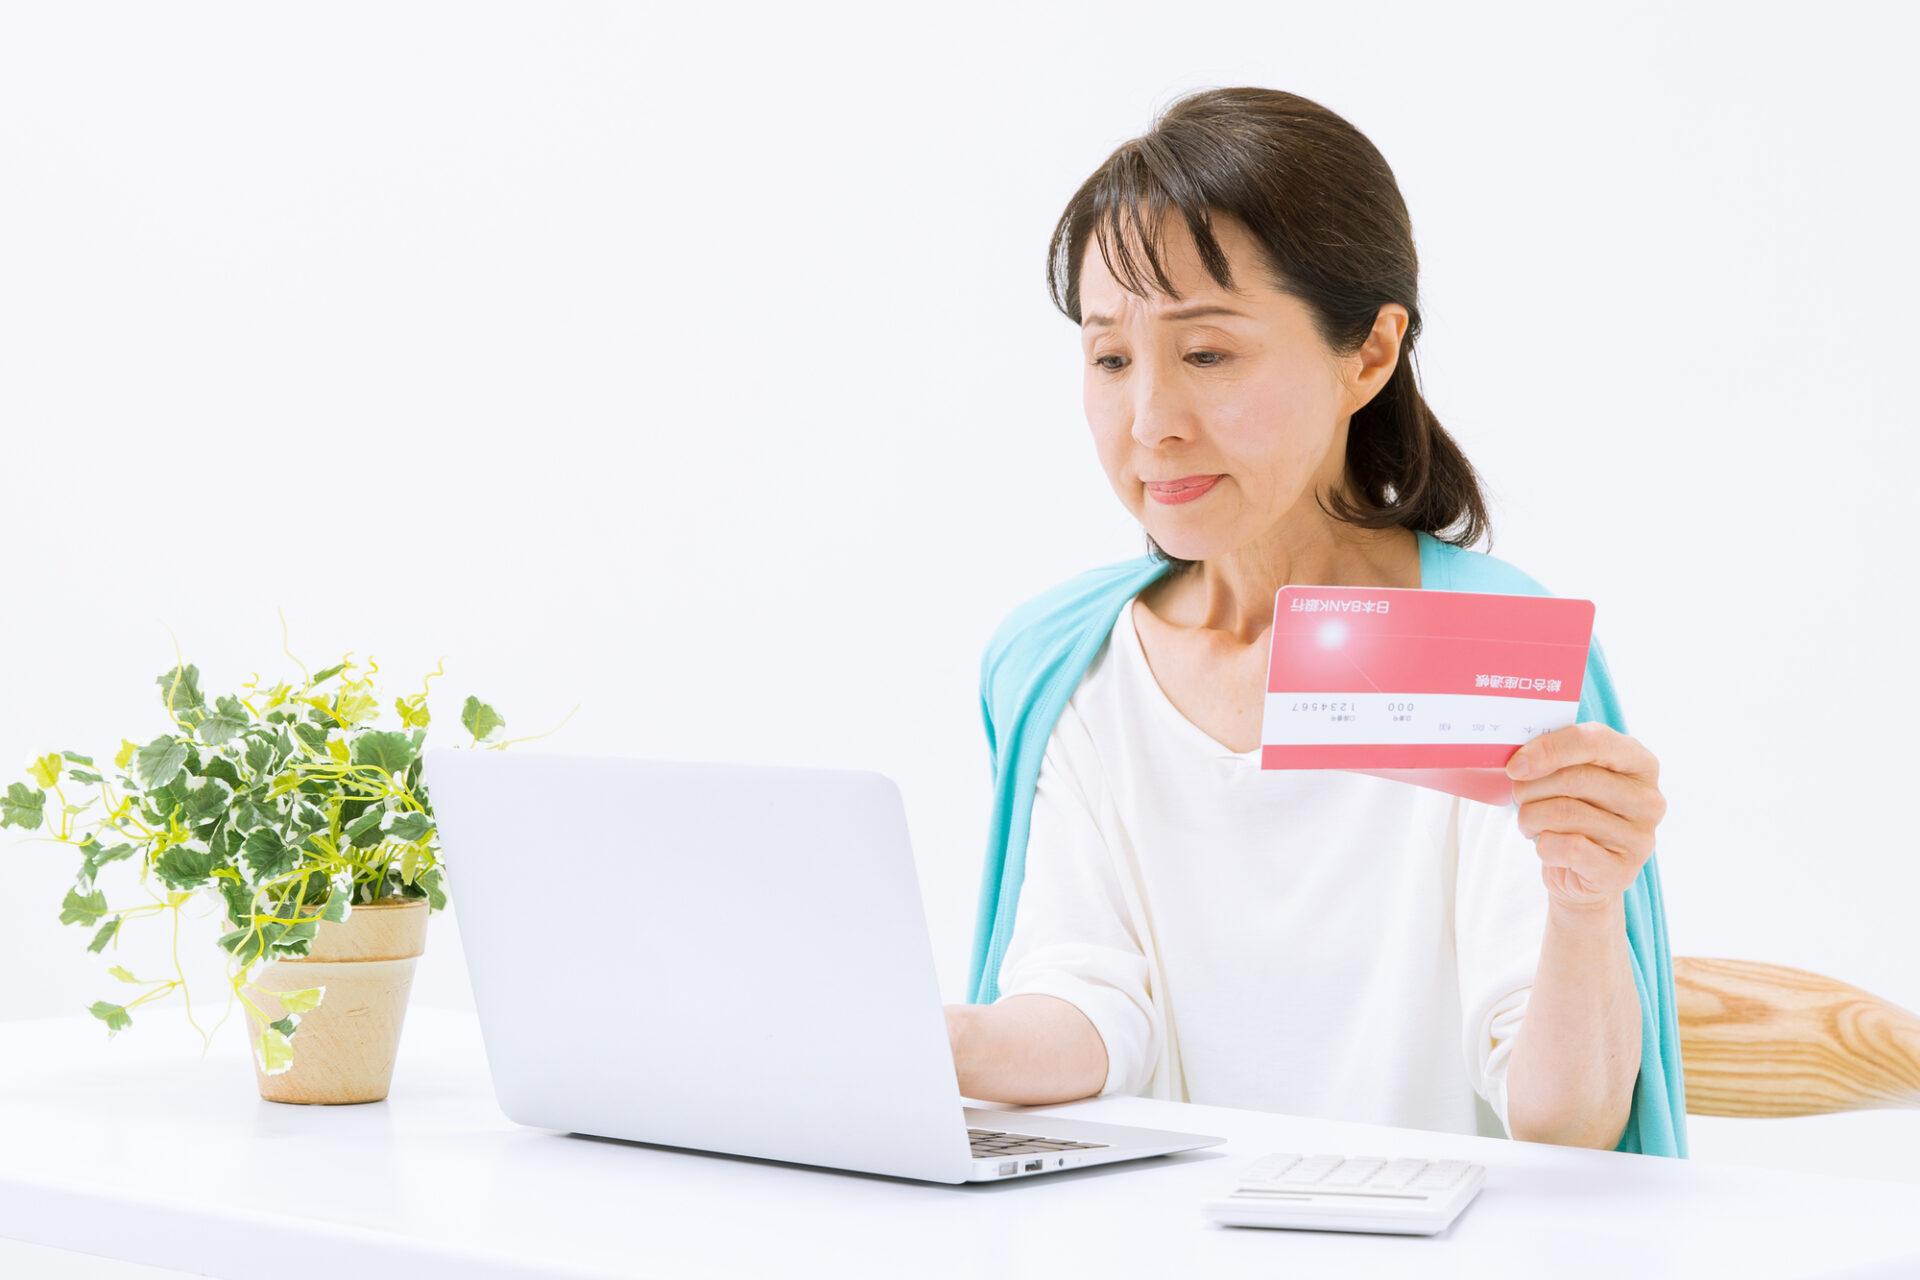 通帳とパソコンを見る女性